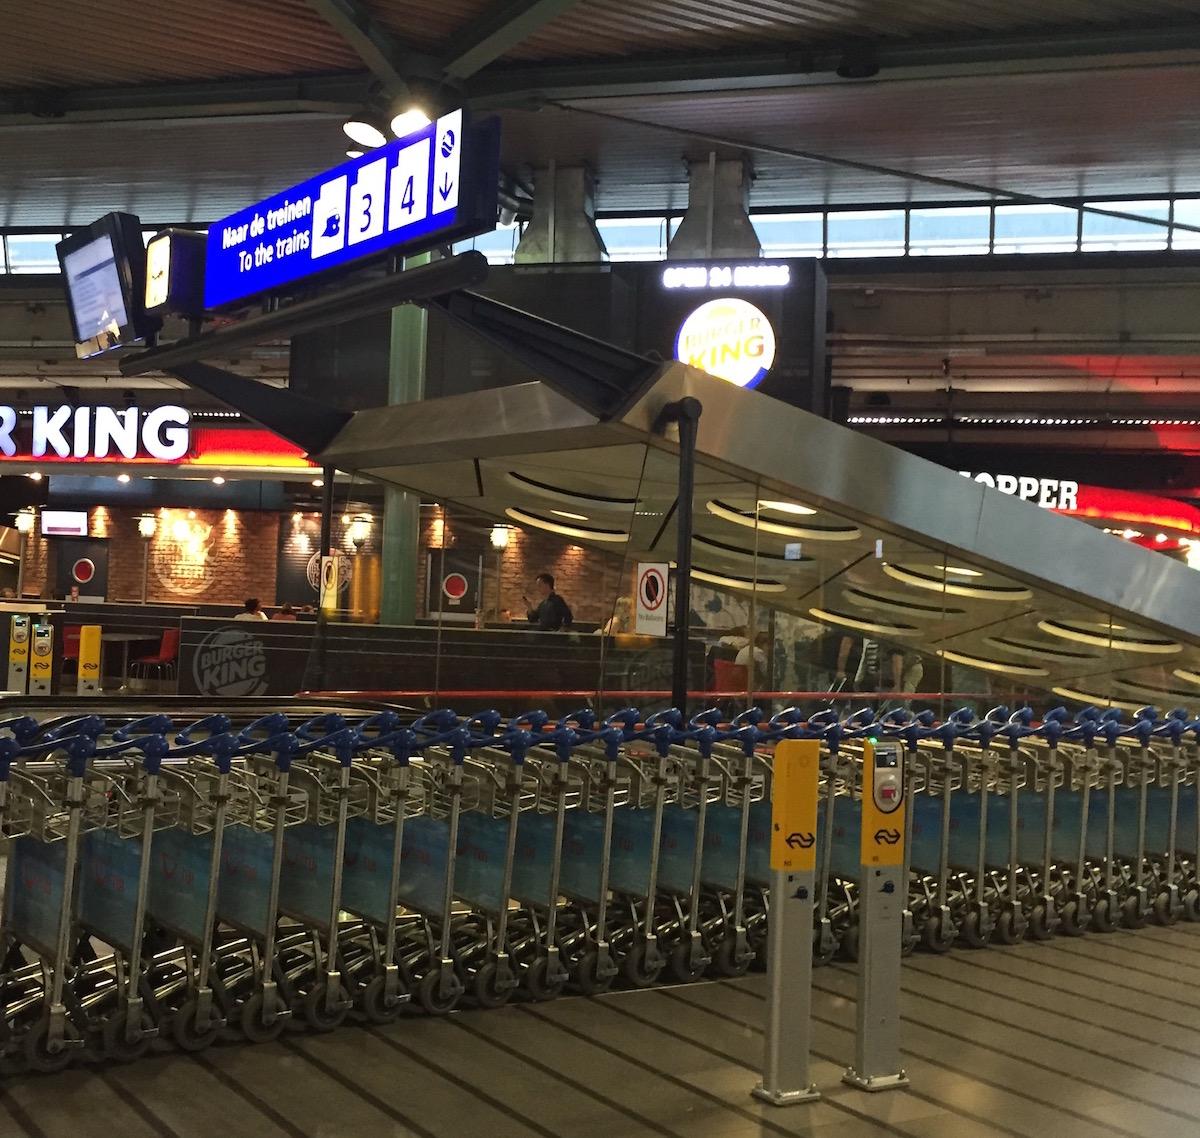 기차를 탈 땐 카트앞 노란 체크기에 티켓을 대고 개시한 후 탑승한다